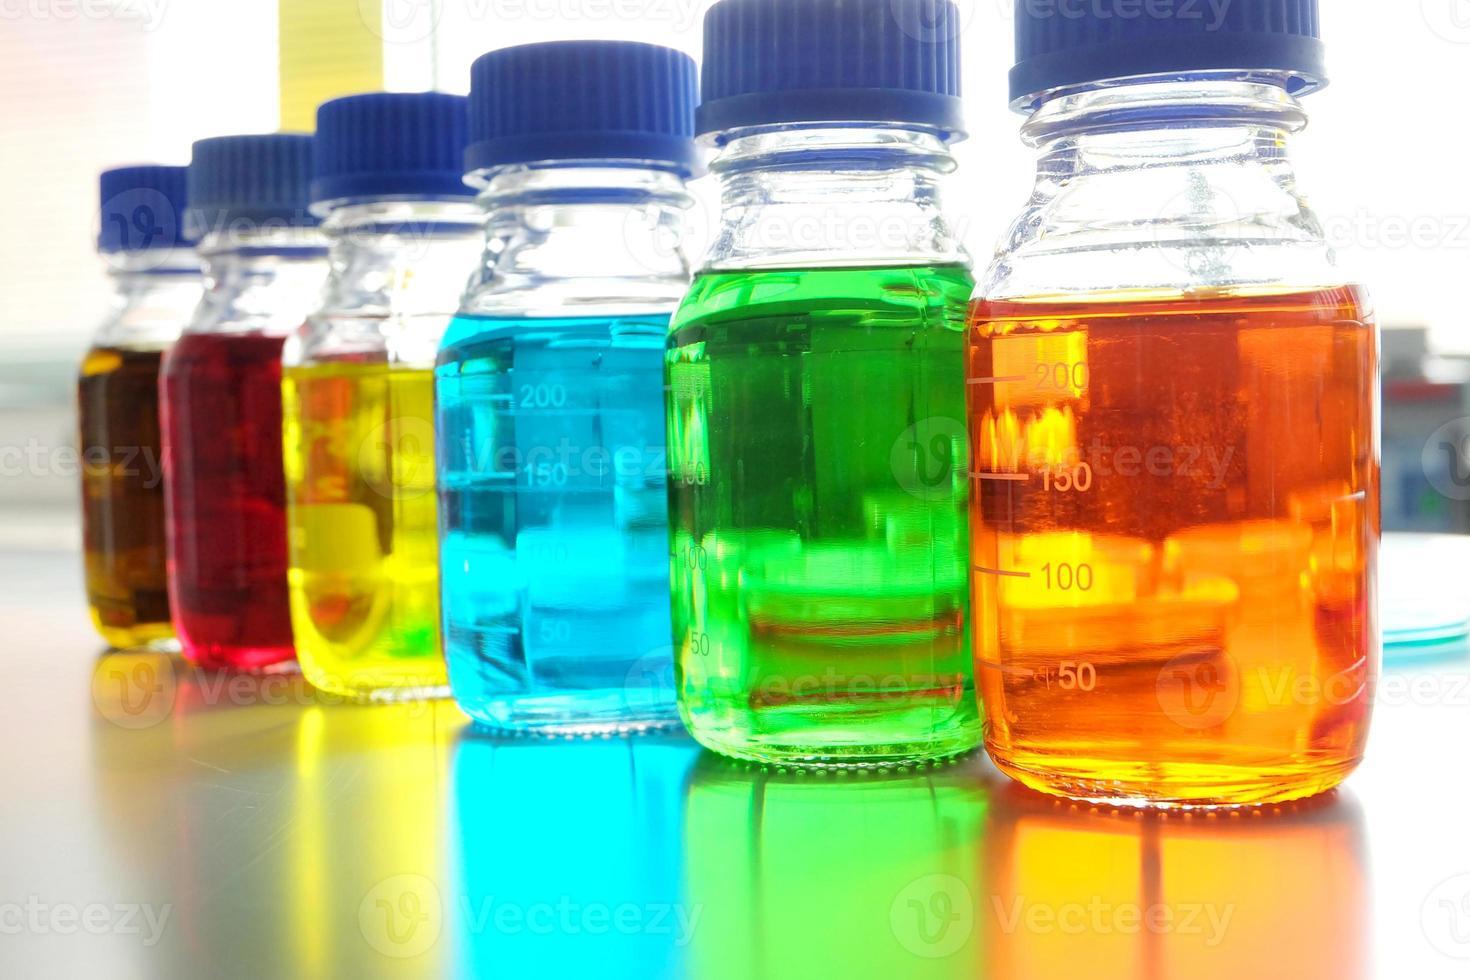 fluide coloré en bouteille pour une utilisation en laboratoire sur la table photo